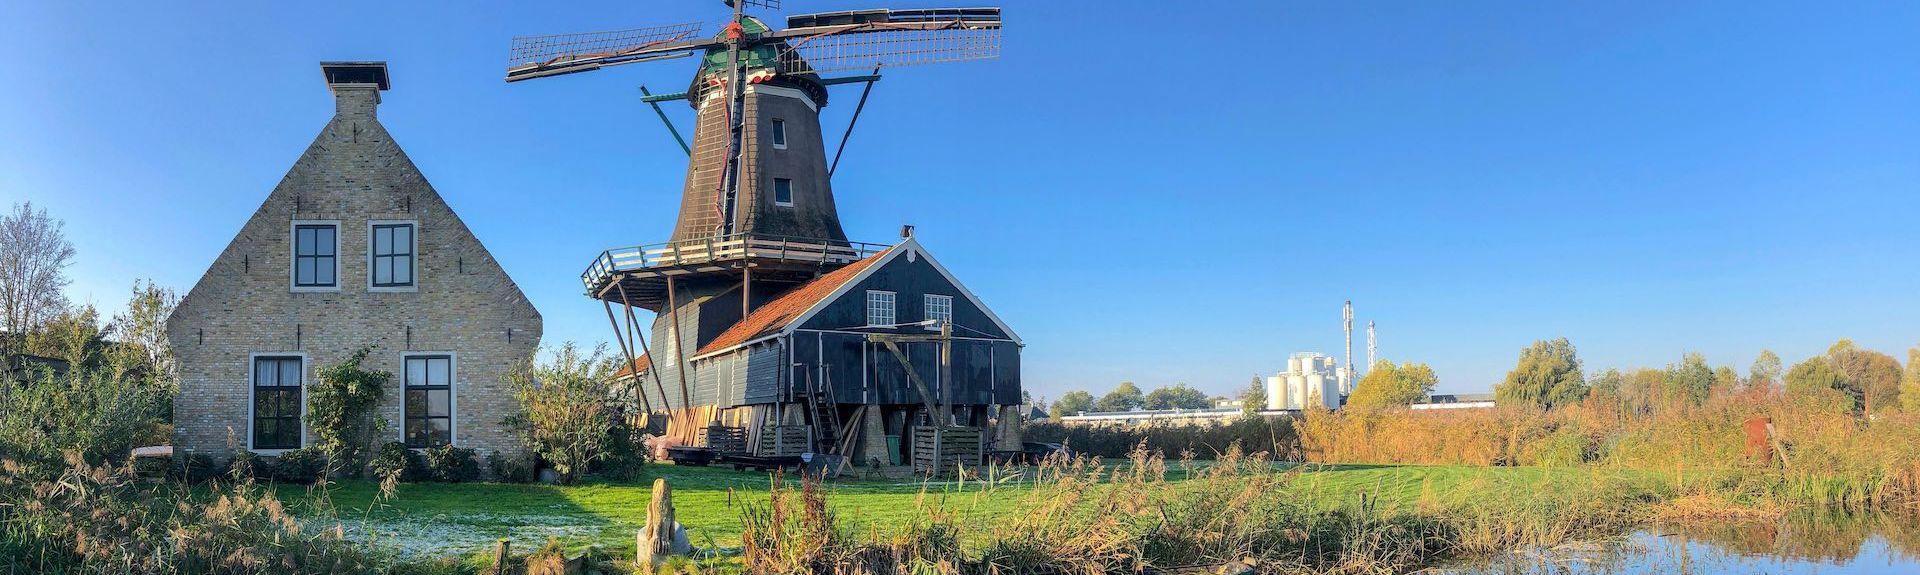 Friesland, Nederland